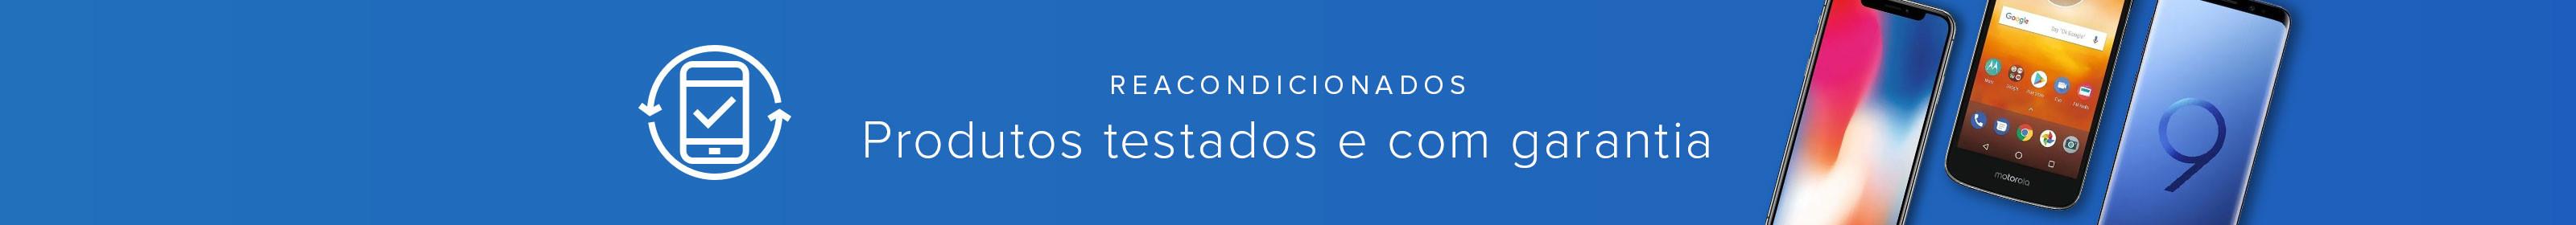 REACONDICIONADOS